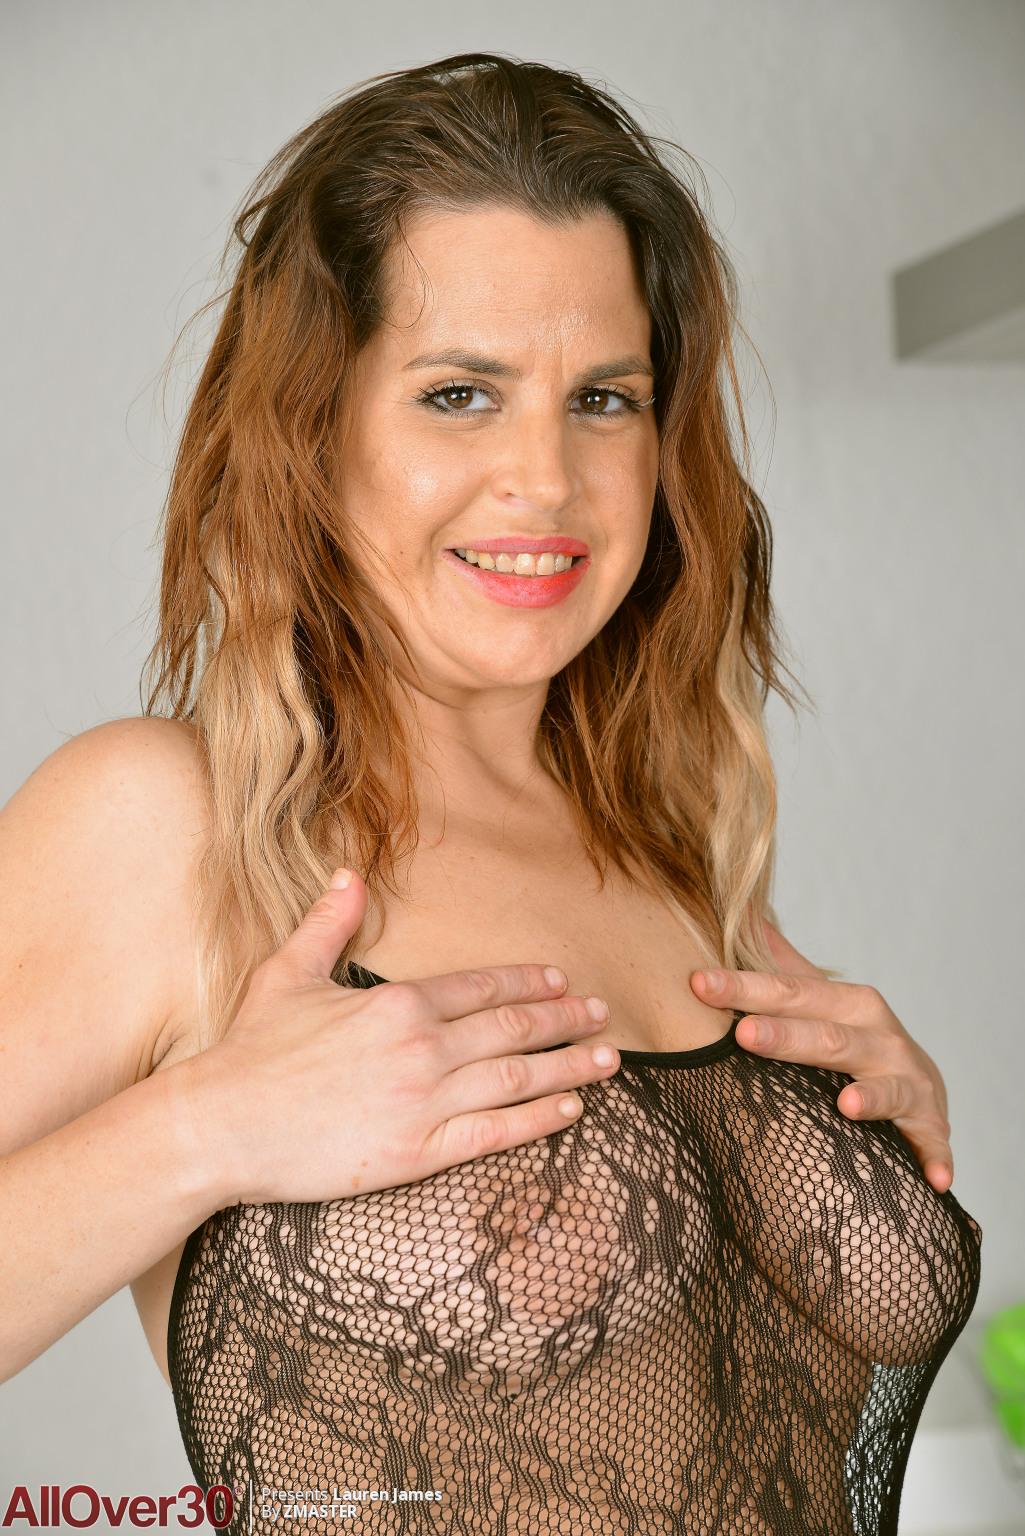 Lauren James from AllOver30